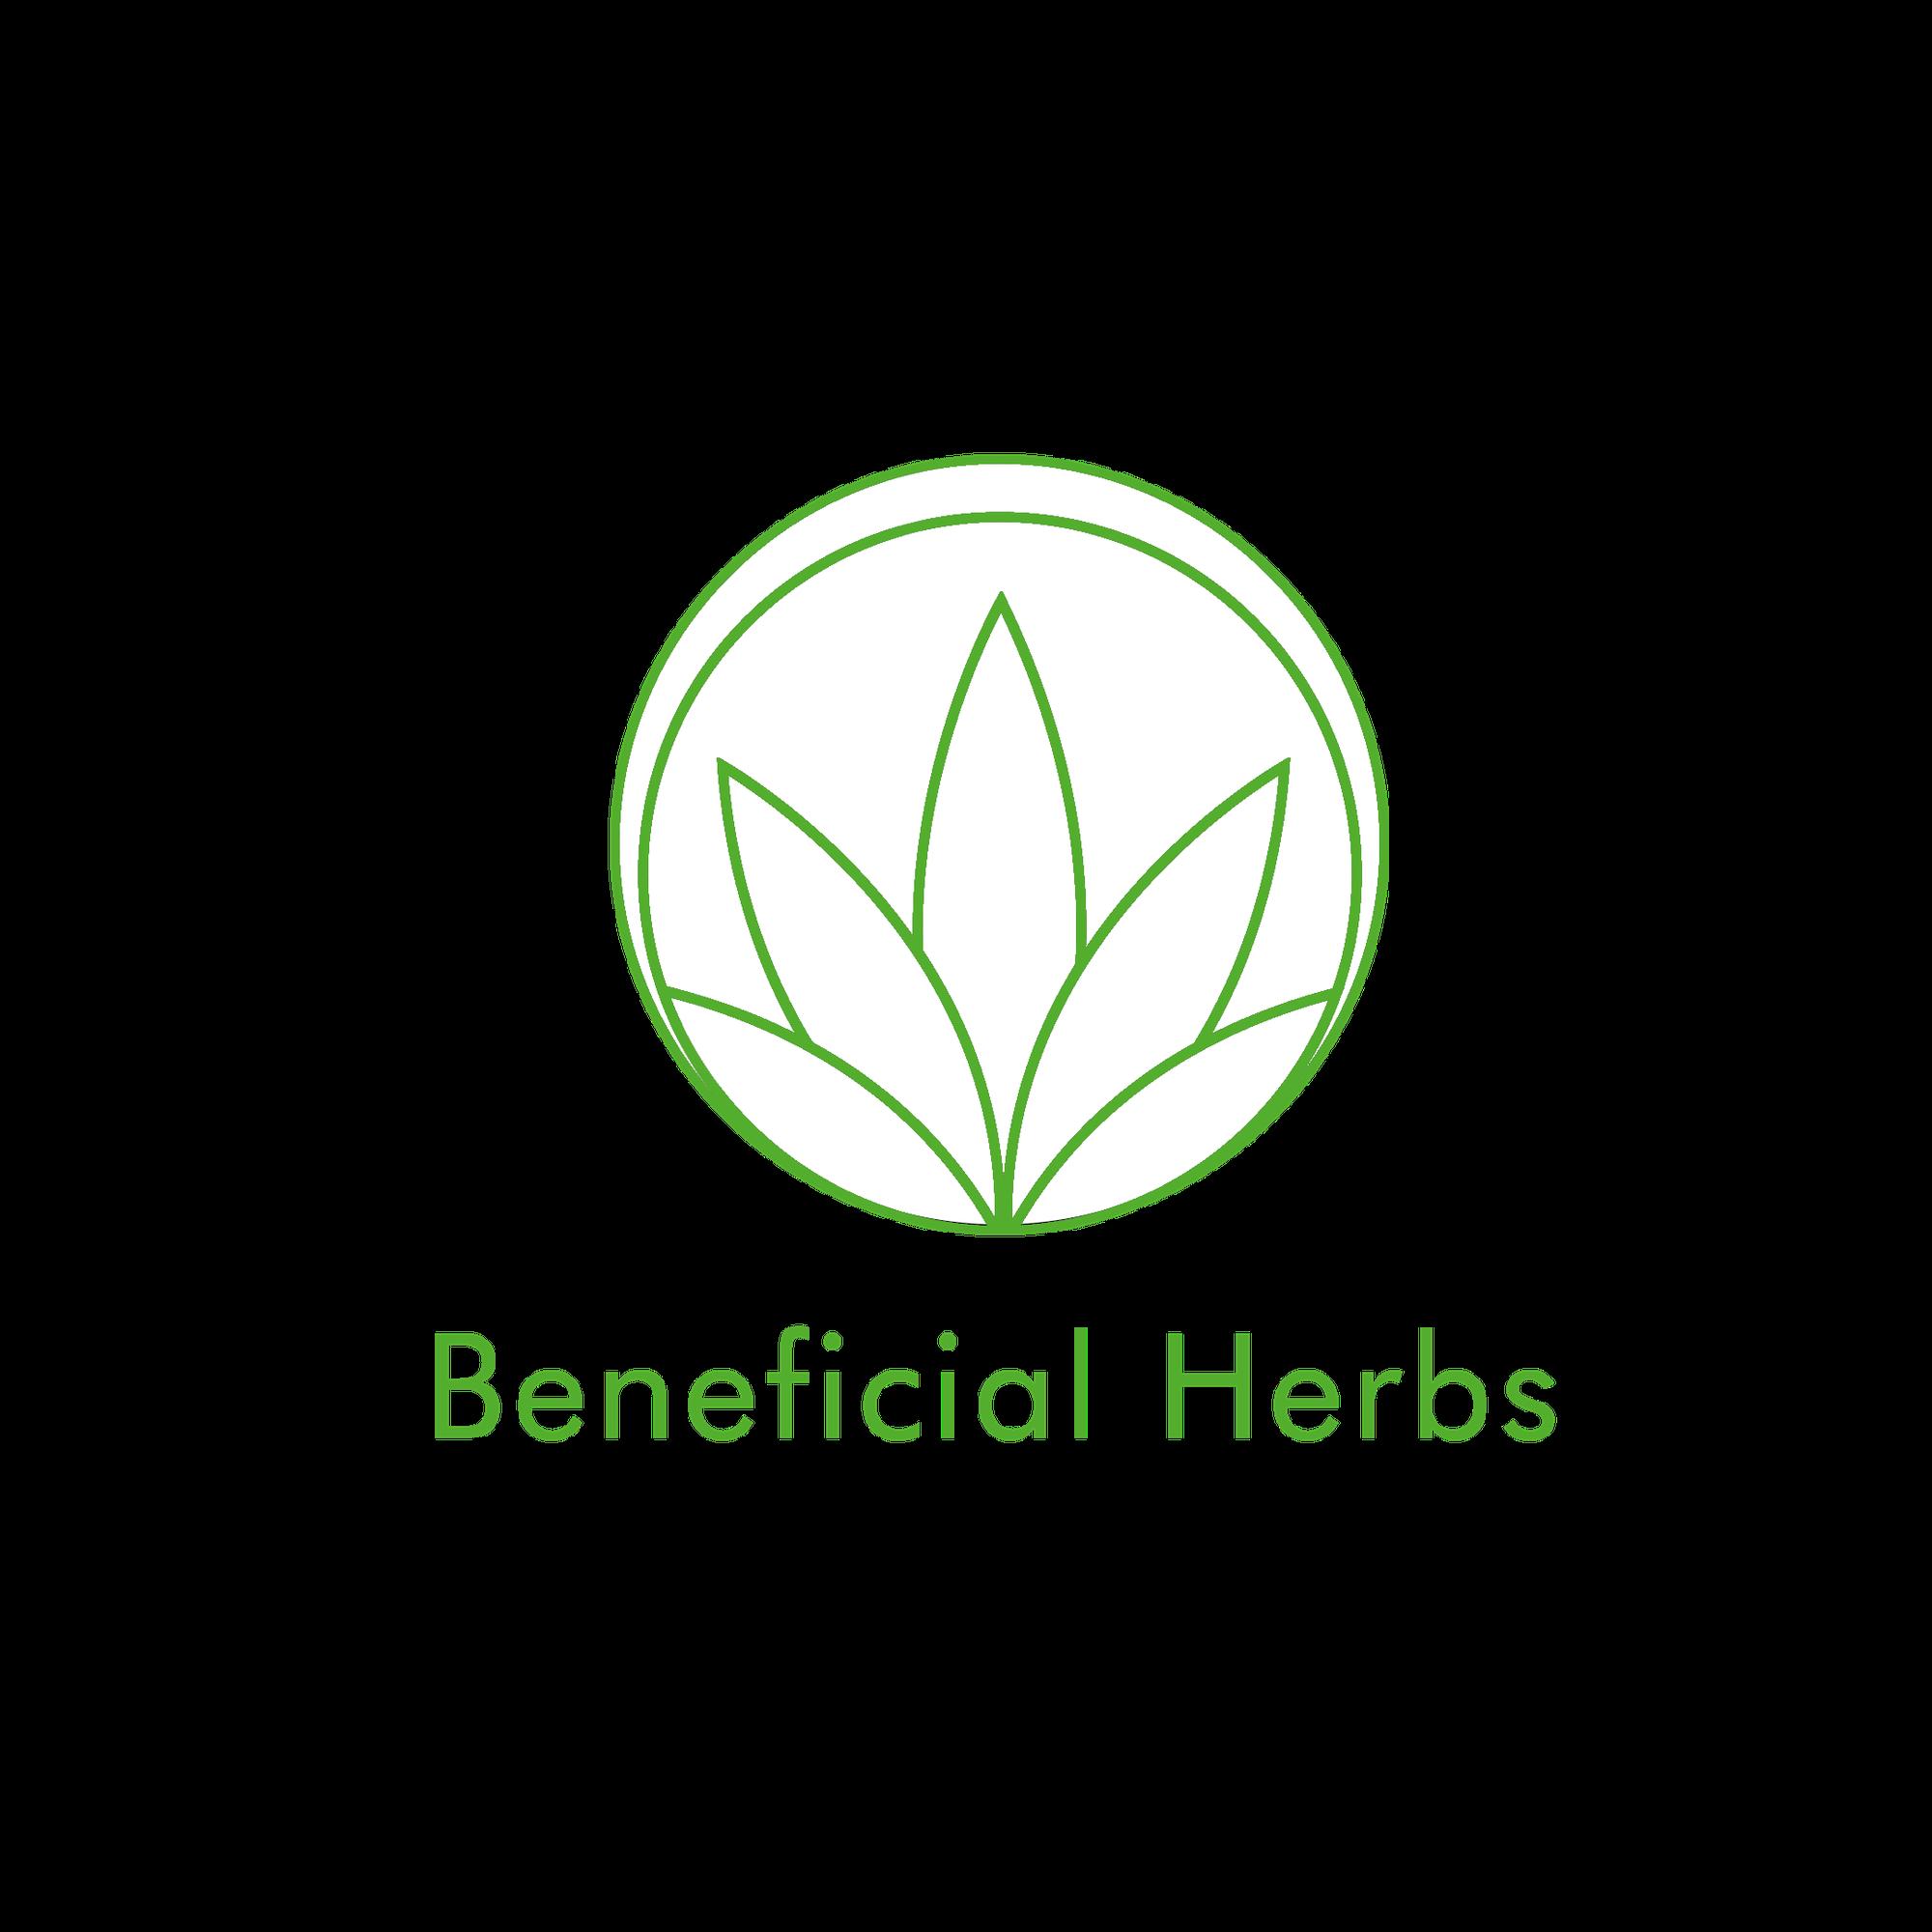 beneficial herbs logo